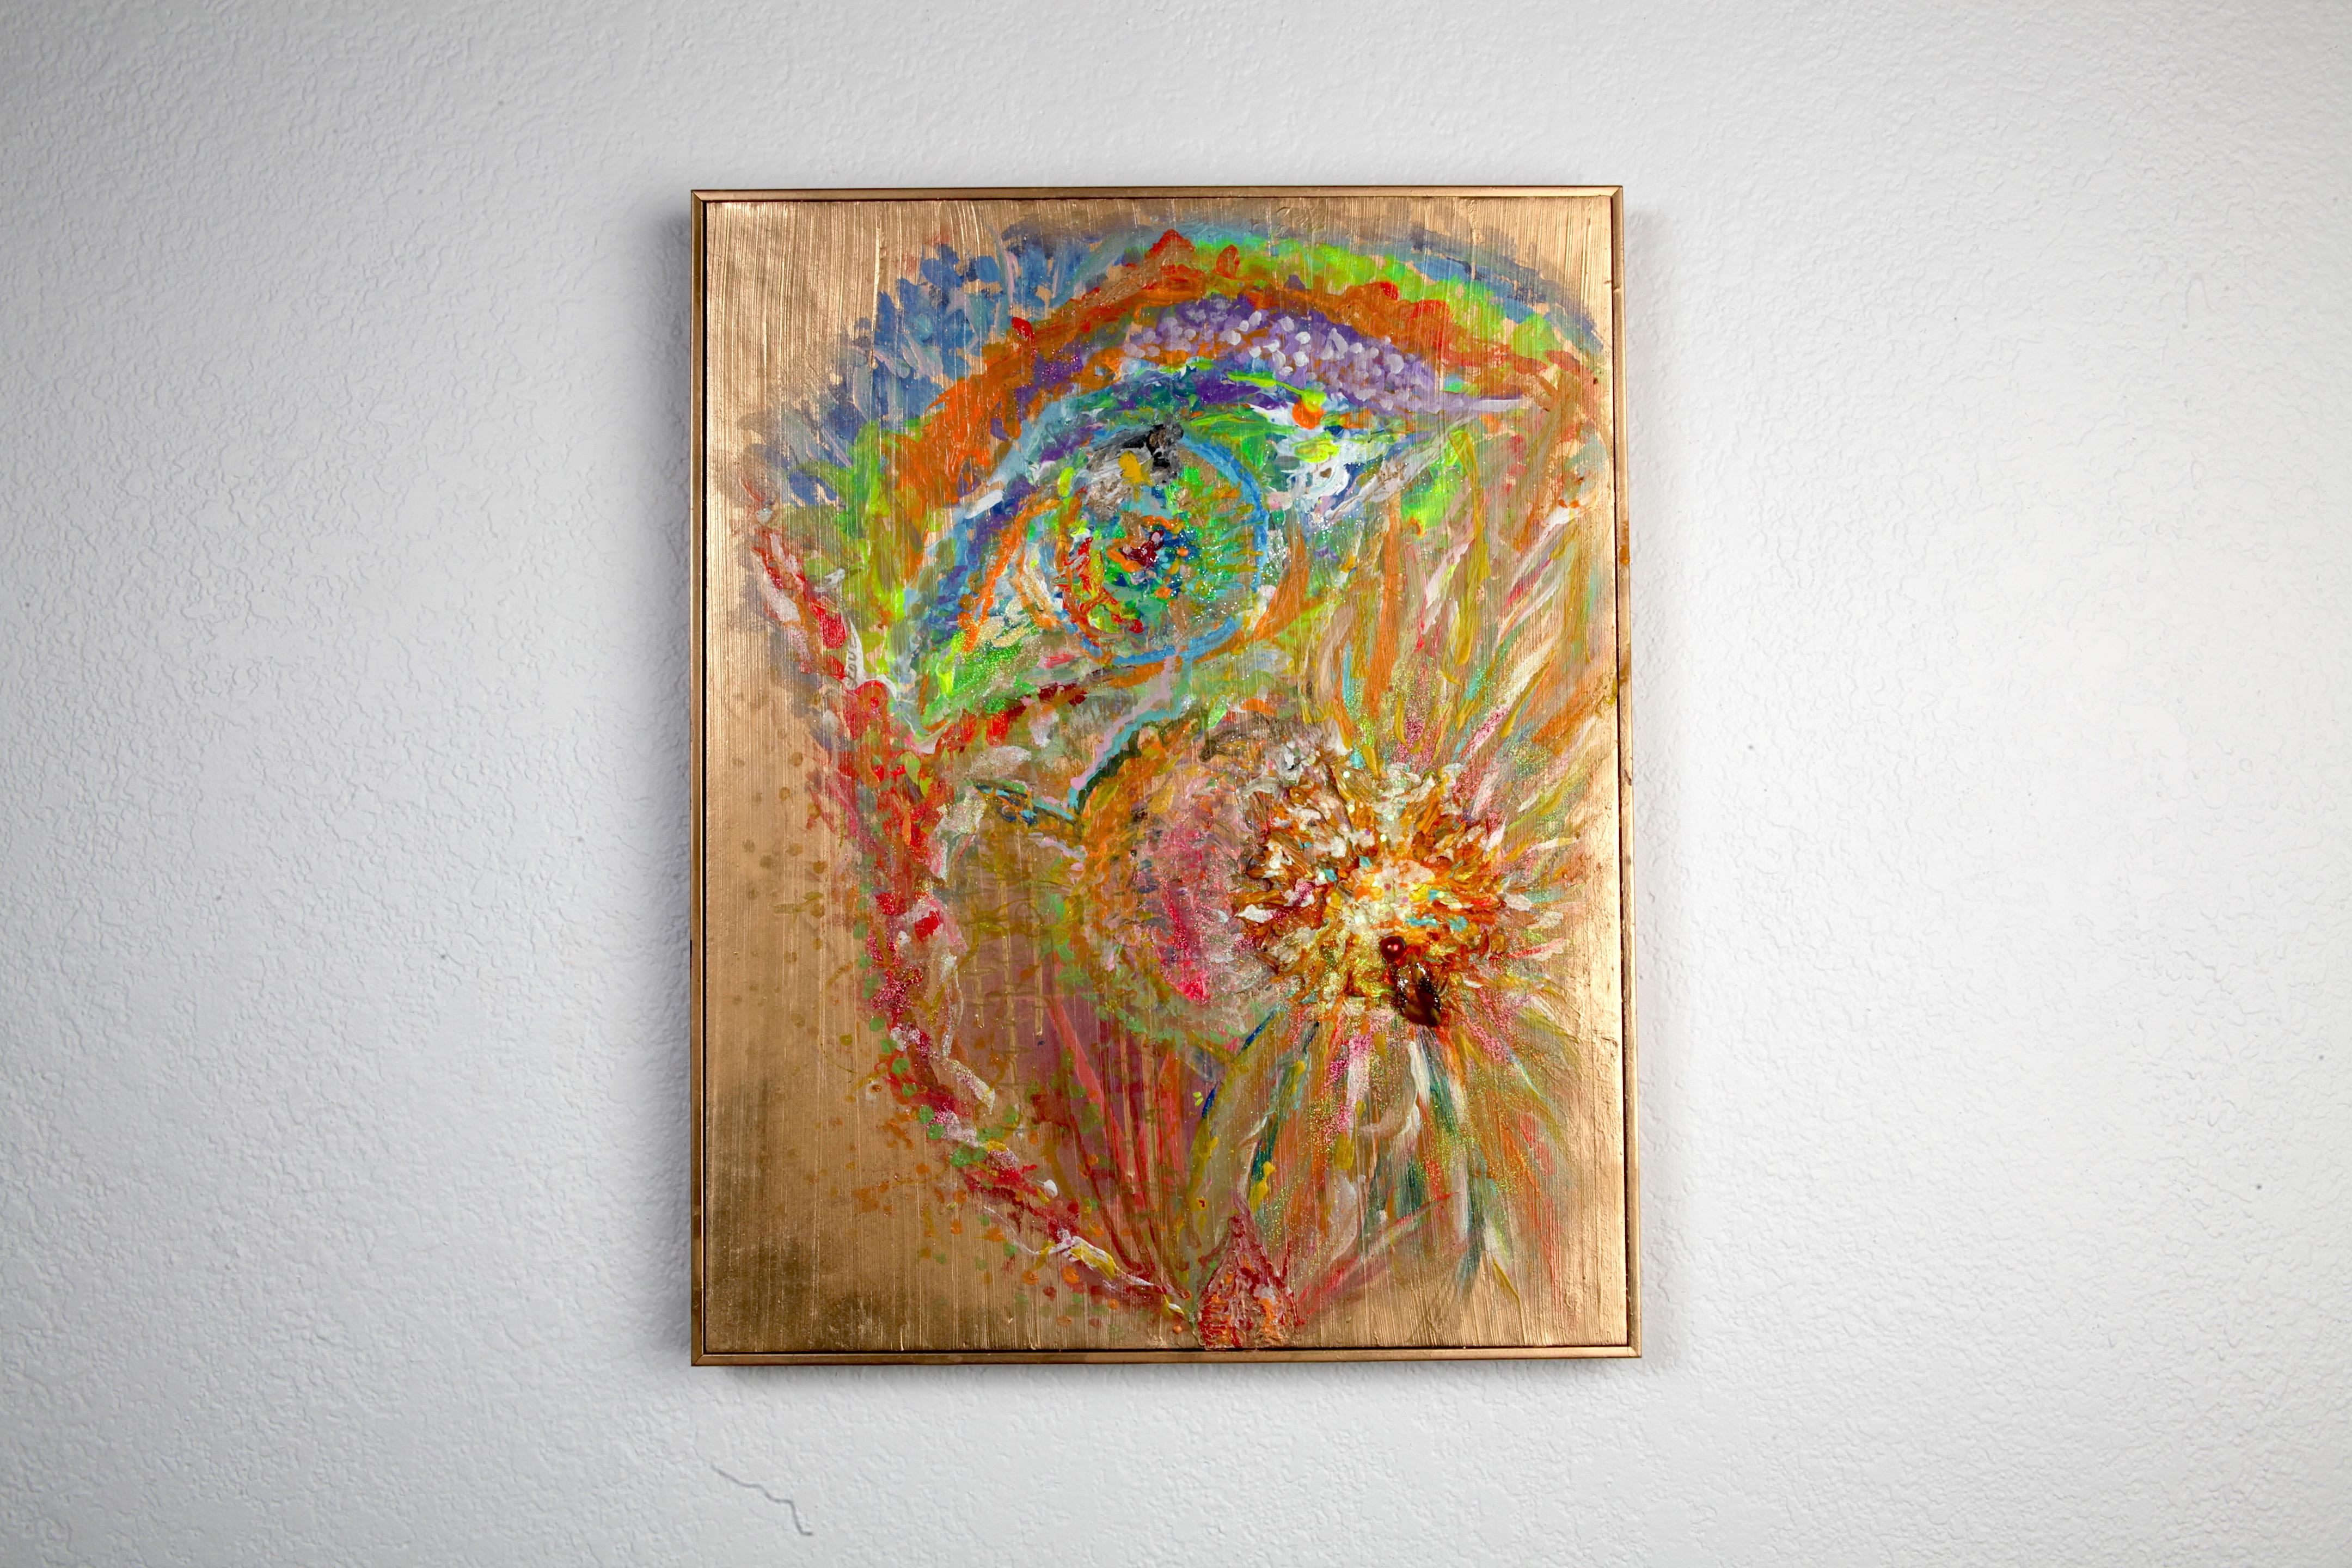 Art- Beauty in the Eye of BeHoldHer